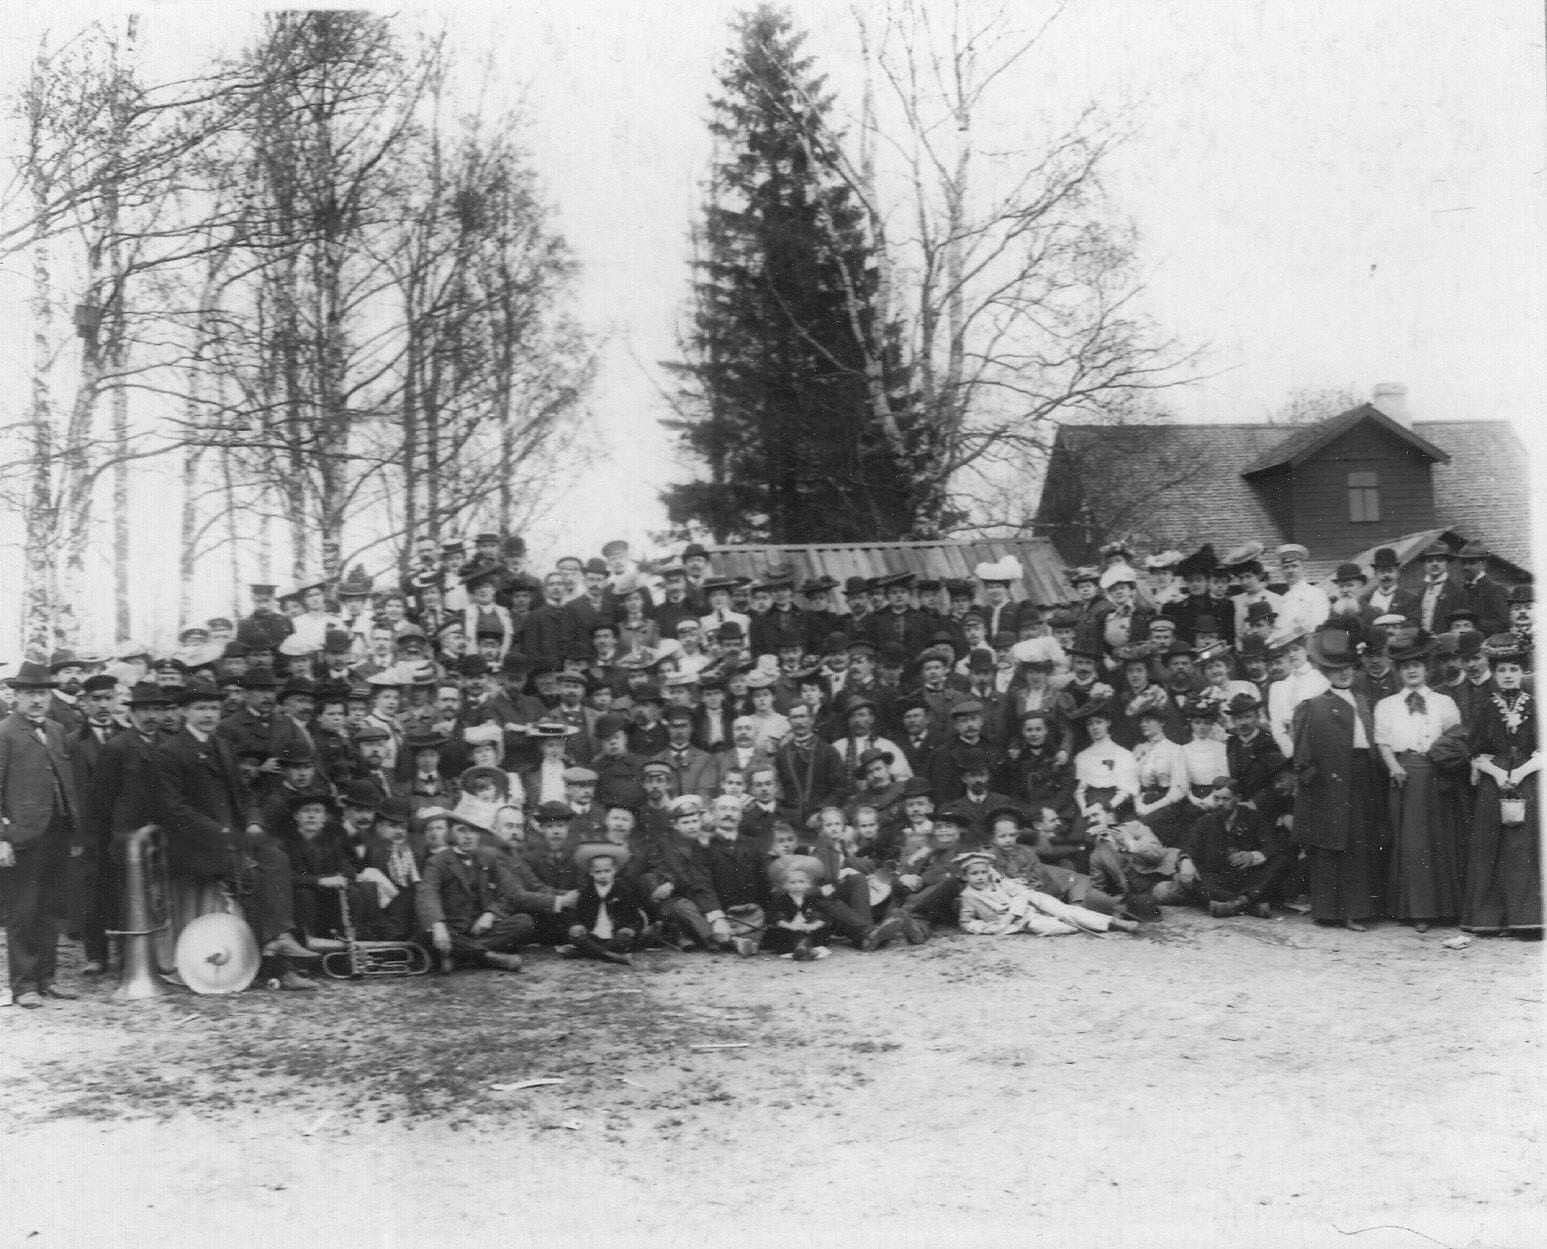 Группа членов общества на загородной экскурсии. 1907